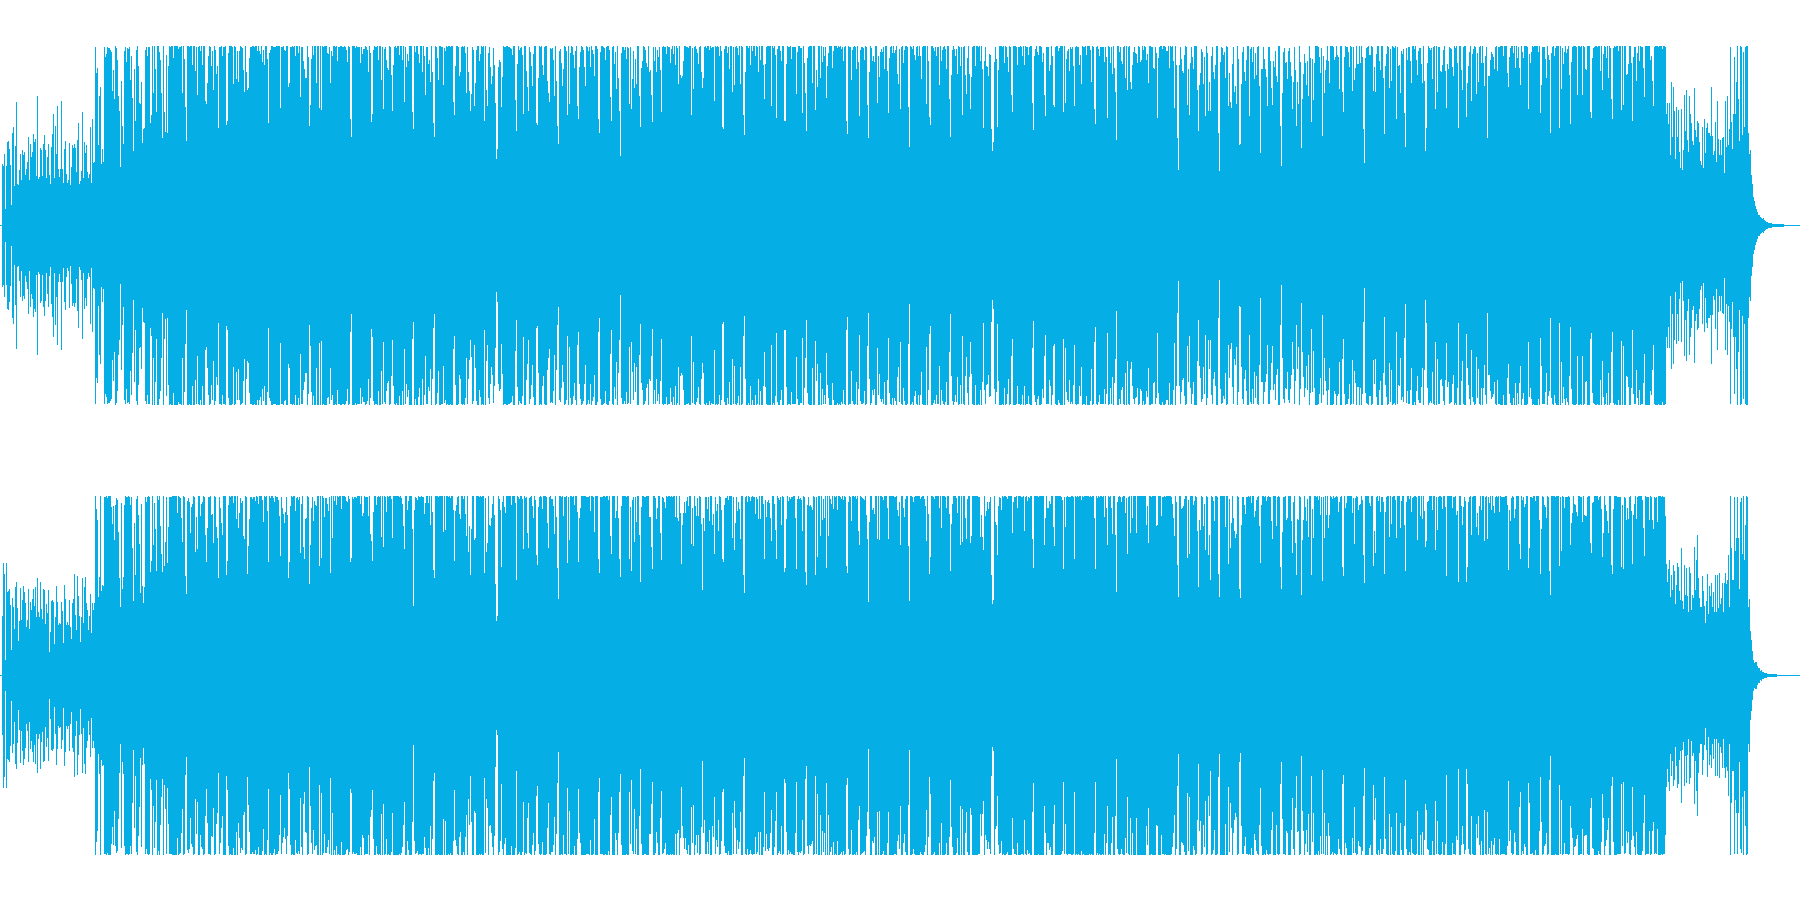 和風・二胡・ピアノ・ハウス・ファンキーの再生済みの波形